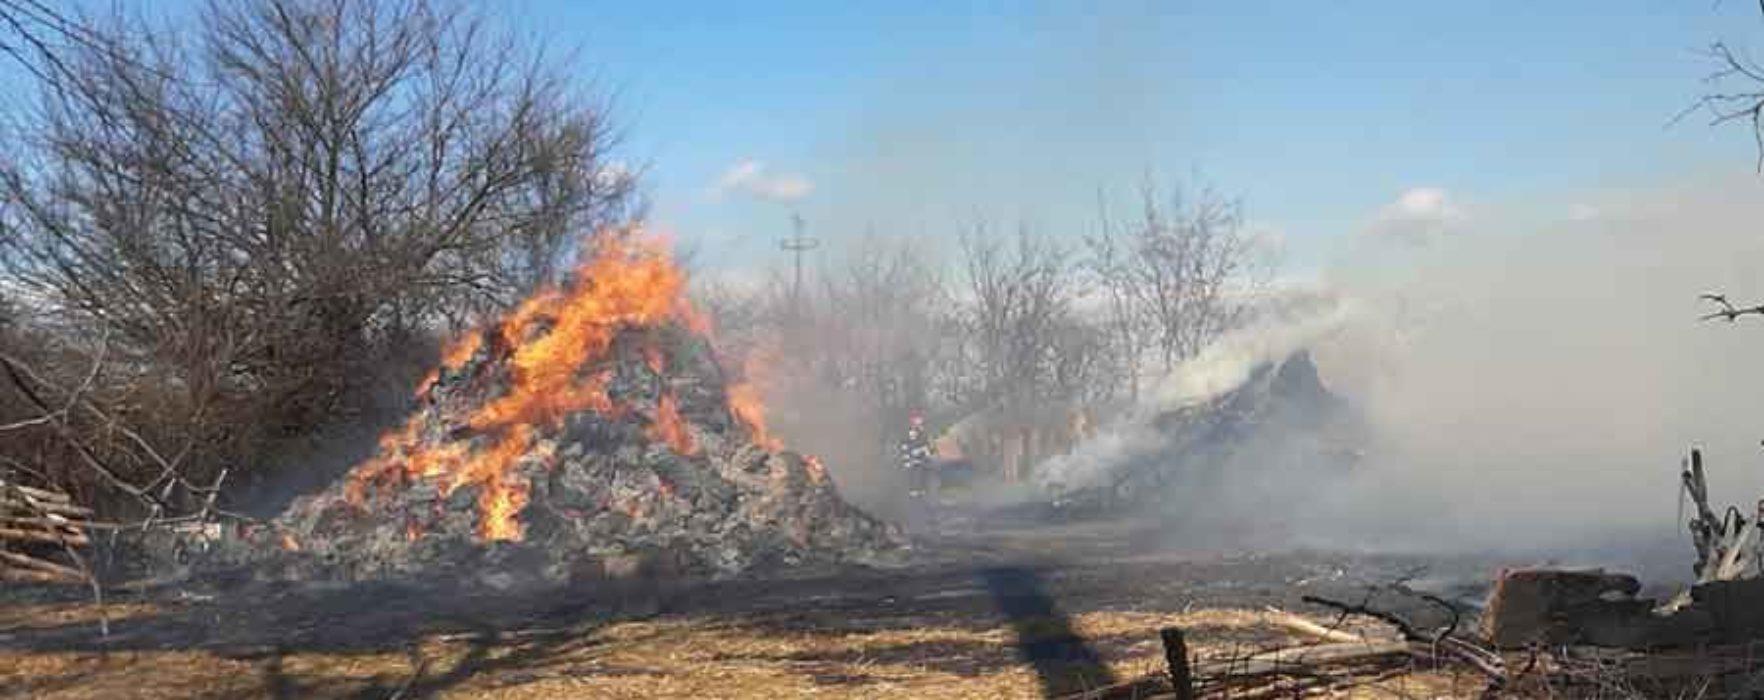 Dâmboviţa: Incendiu într-o gospodărie; focul intensificat de vânt a ars baloţi de fân, un gard şi a omorât ovine